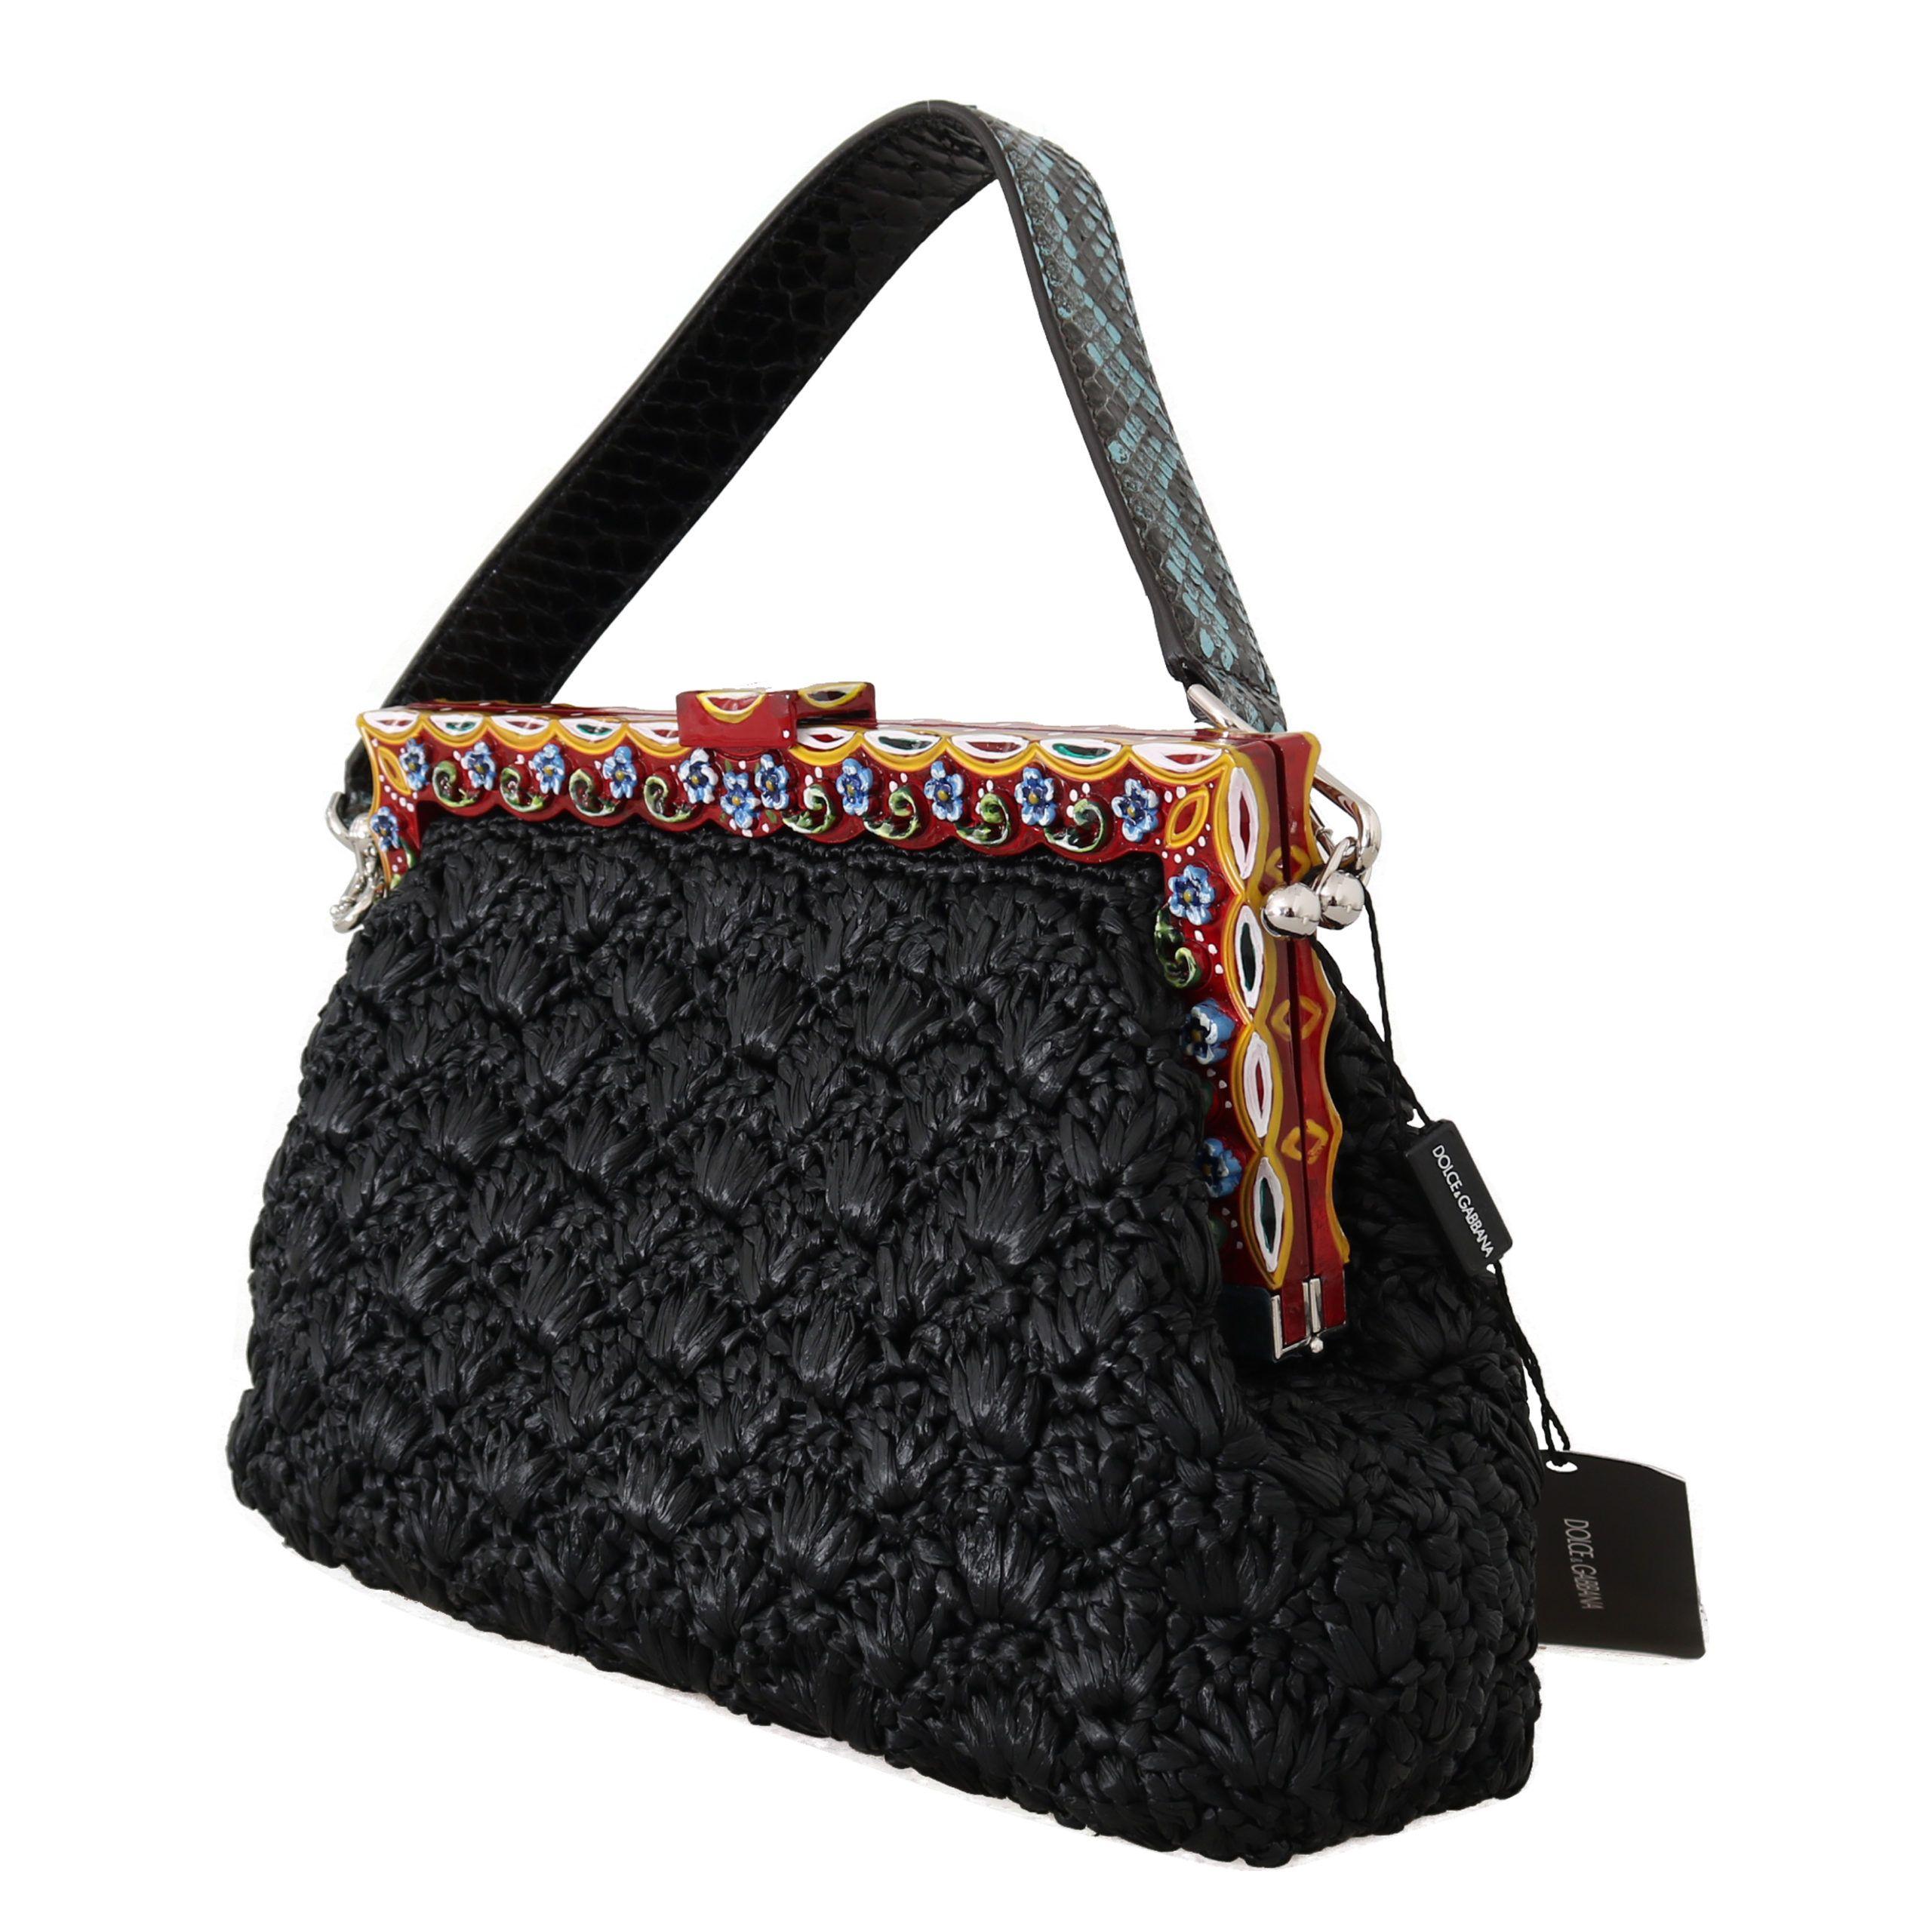 Dolce & Gabbana Black Raffia Leather Borse VANDA Carretto Purse